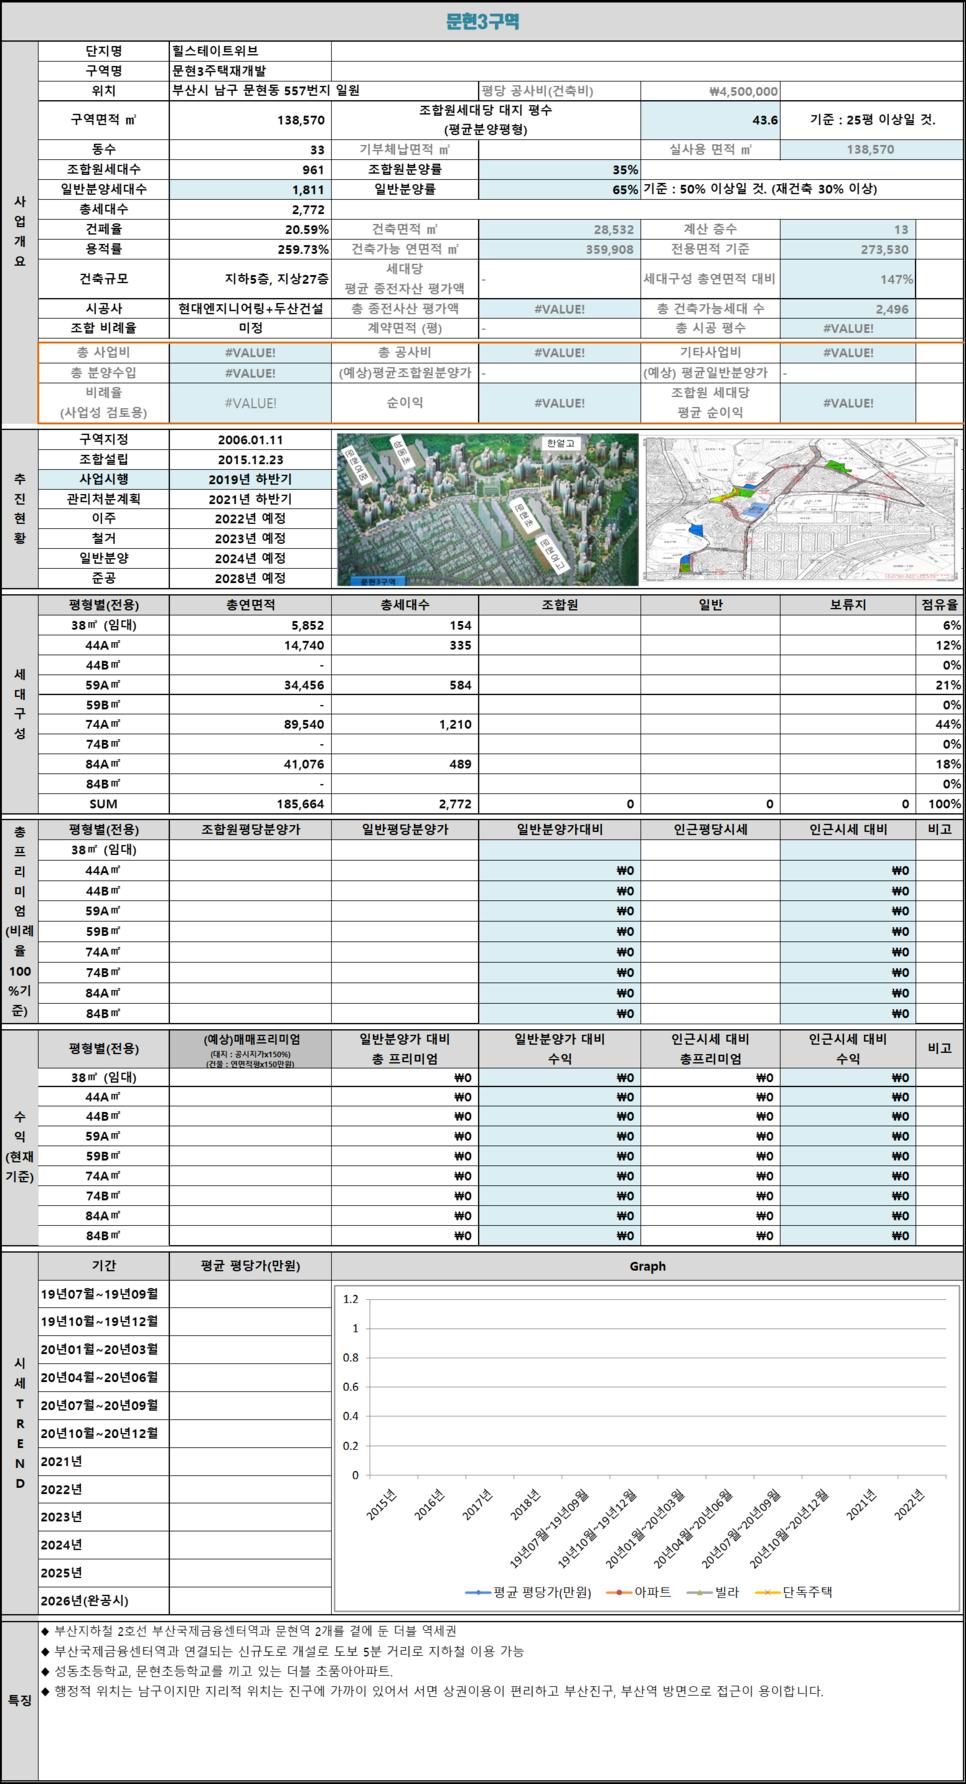 mb-file.php?path=2021%2F06%2F30%2FF4342_%EC%82%AC%EC%97%85%EC%84%B1.png